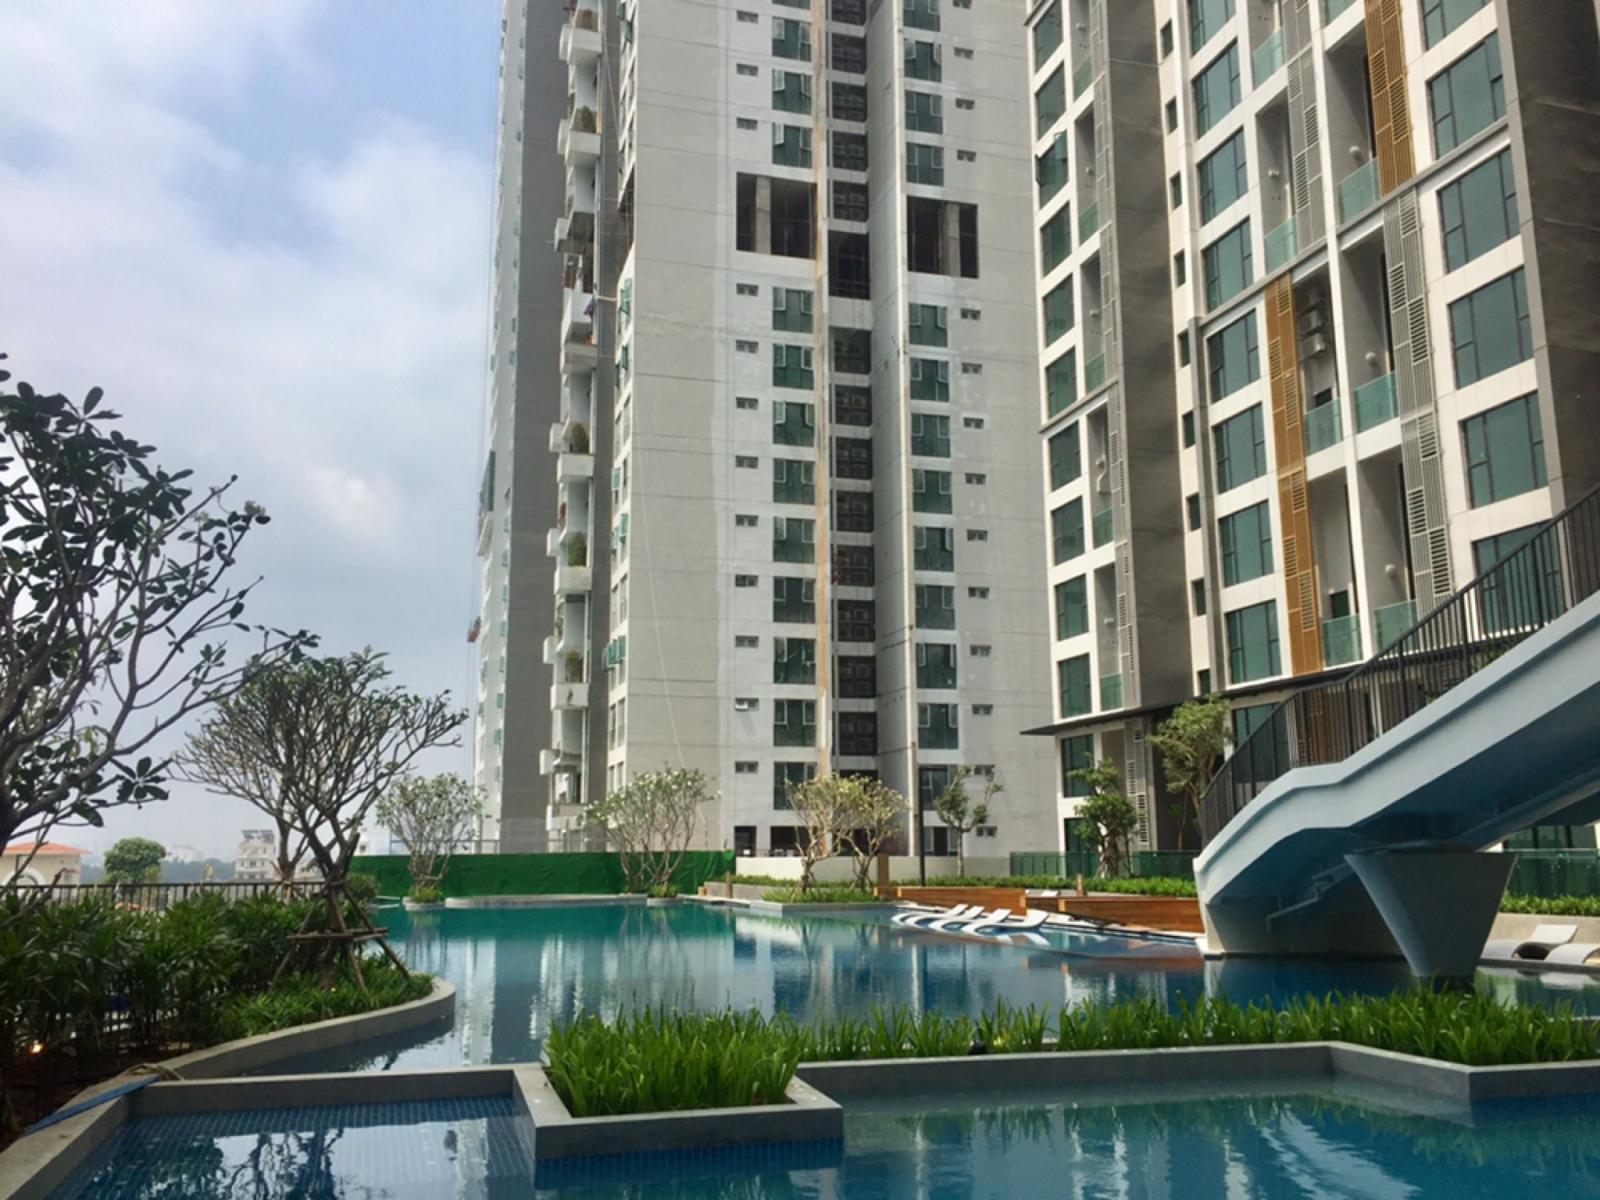 Bể bơi nước xanh trong phía dưới một tòa chung cư cao tầng.